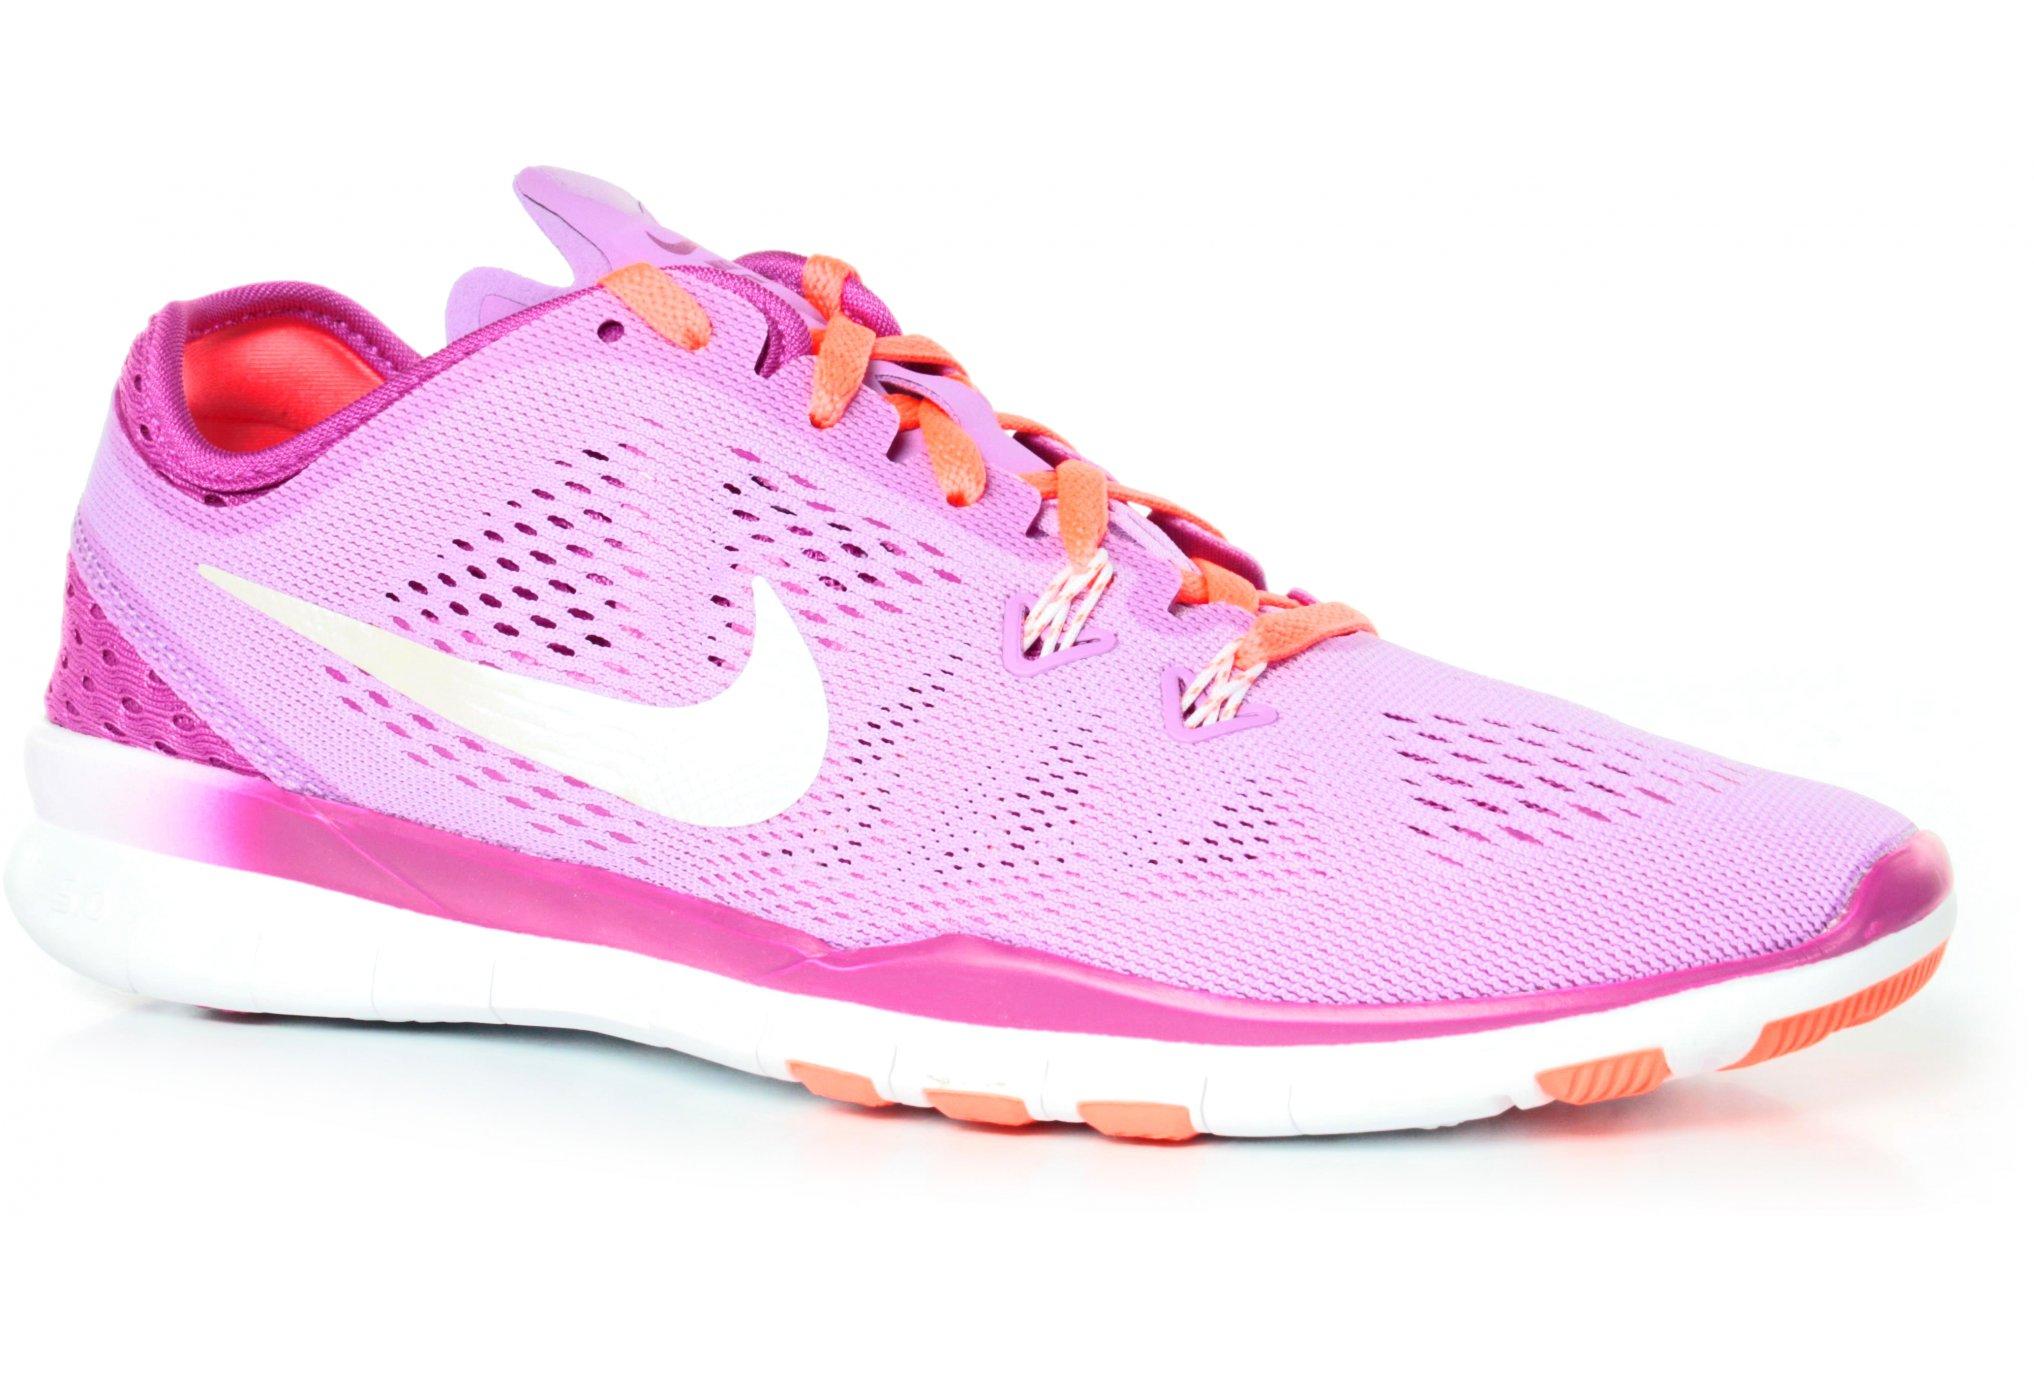 plus récent 4a392 e53b9 Resathlon - Nike Free 5.0 TR Fit 5 Breathe W Diététique ...